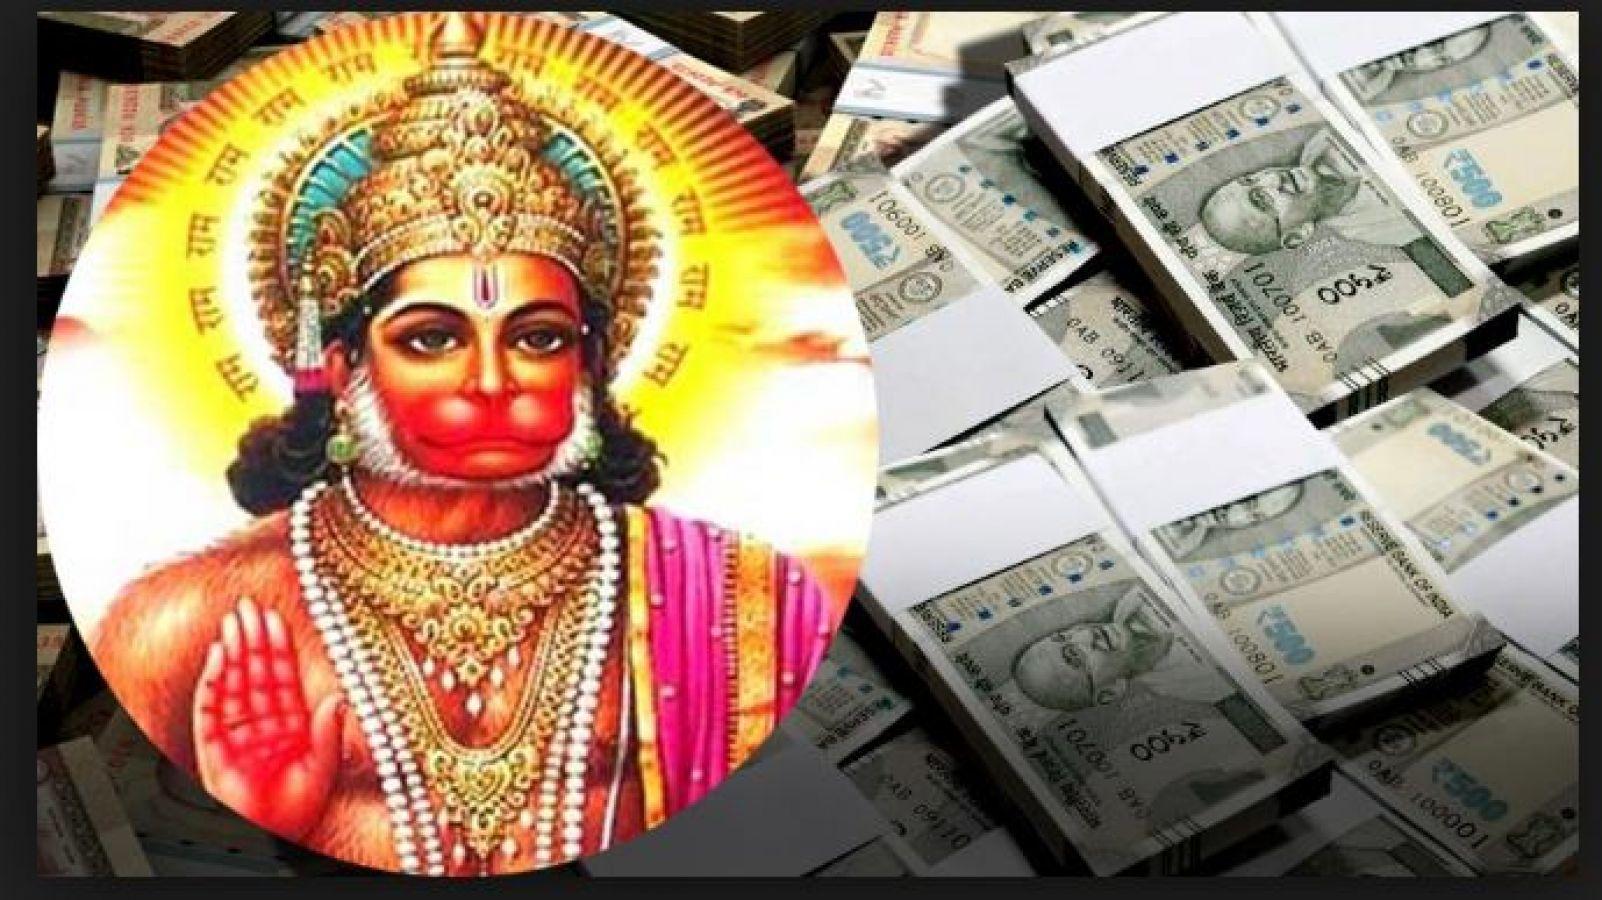 पैसों की तंगी से परेशान है तो हनुमान जयंती पर करें यह सरल काम